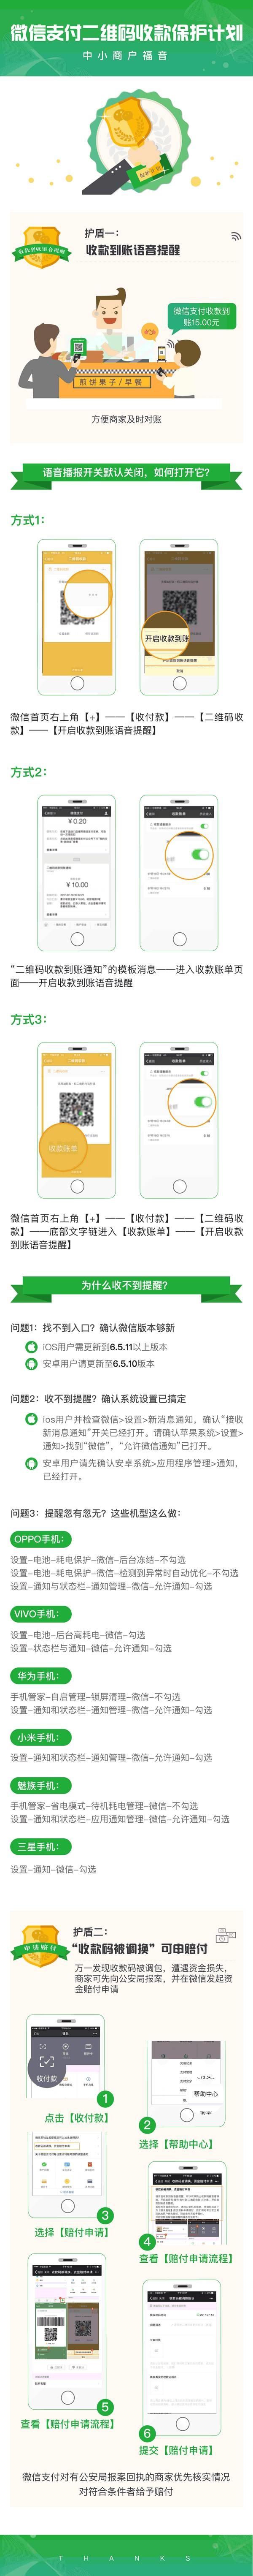 微信收款语音播报怎么设置?微信收款语音提示报金额的设置方法